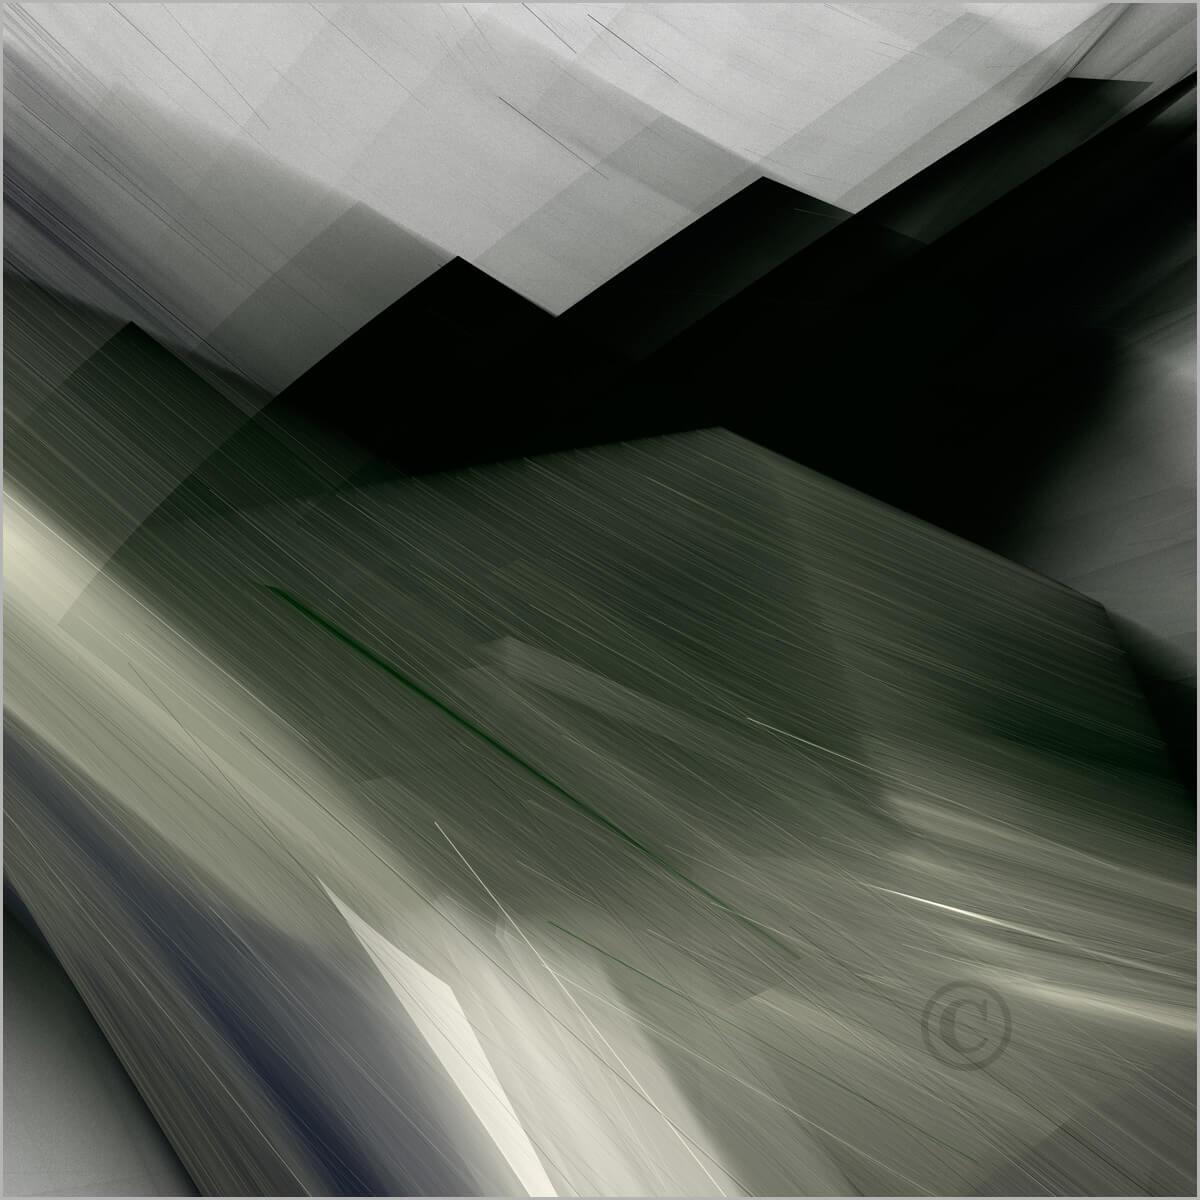 Shapes_F2_2561_M